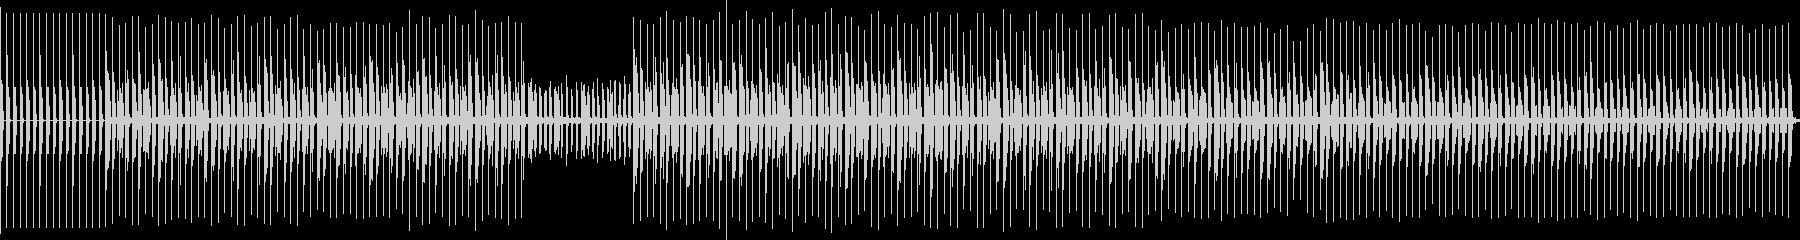 ダンスエレクトロ。古いスタイル。の未再生の波形